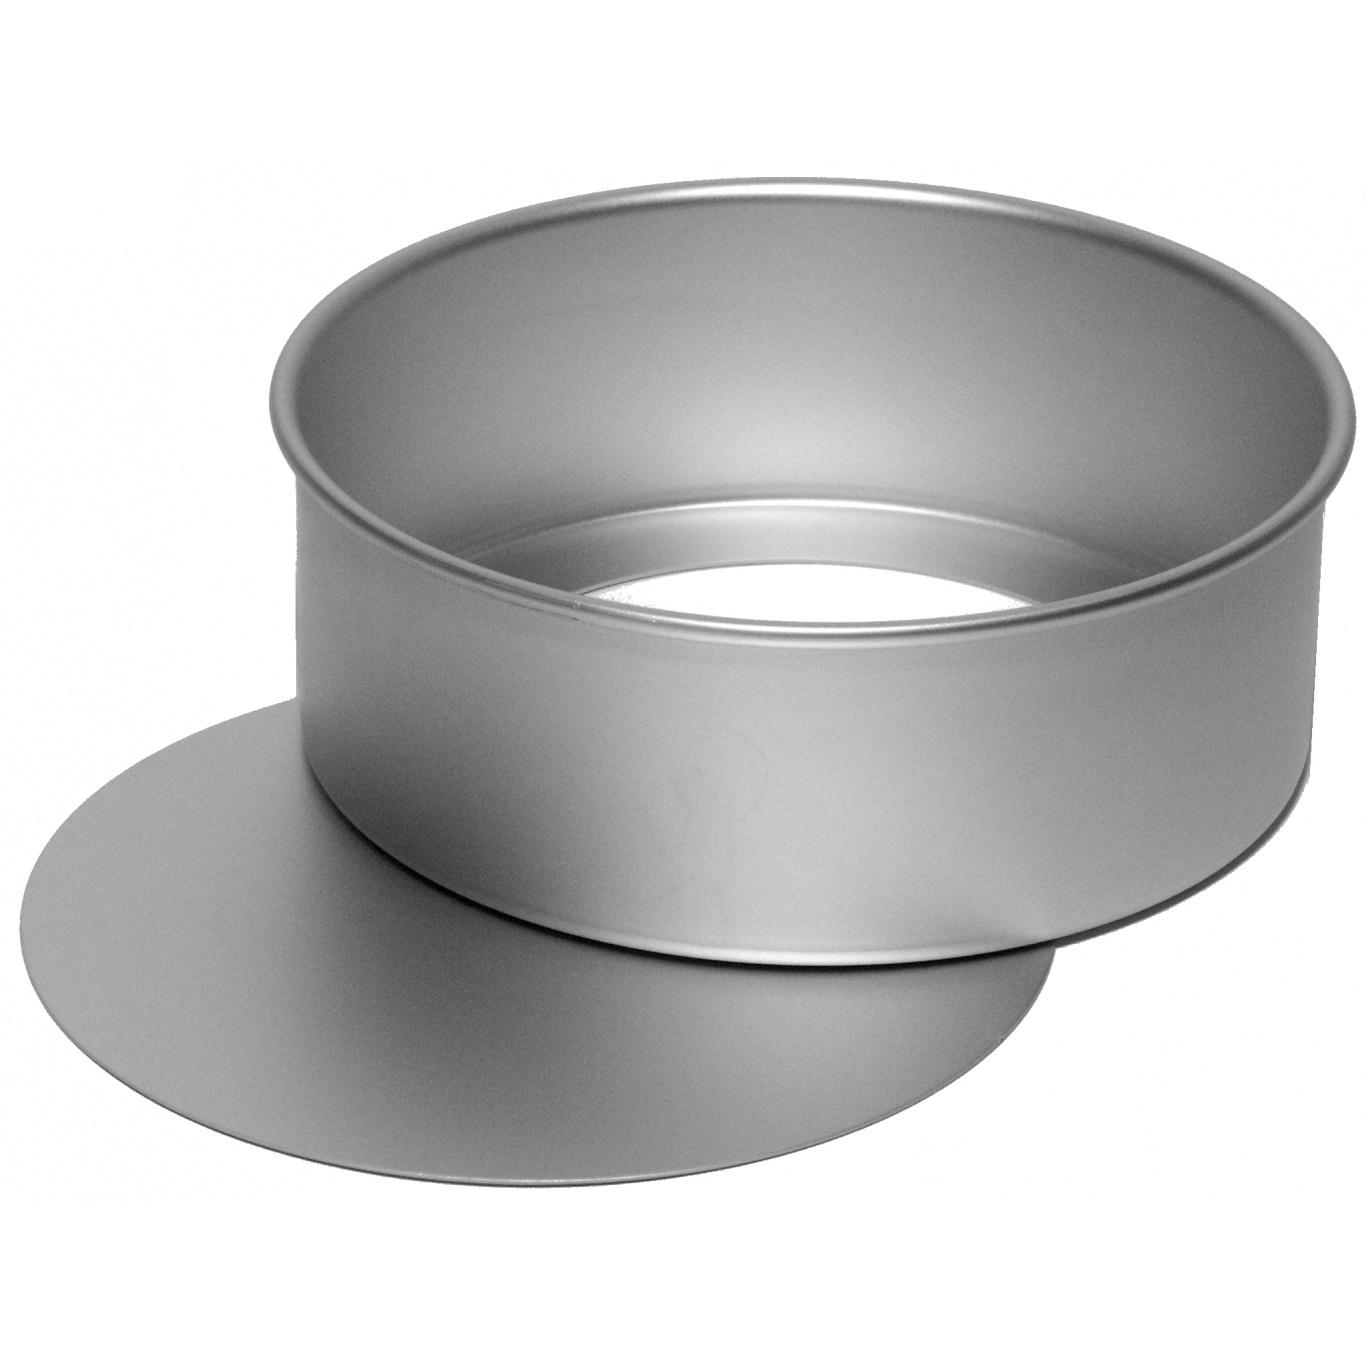 Image of Silverwood Round Cake Pan Loose Base 12ins/30cm